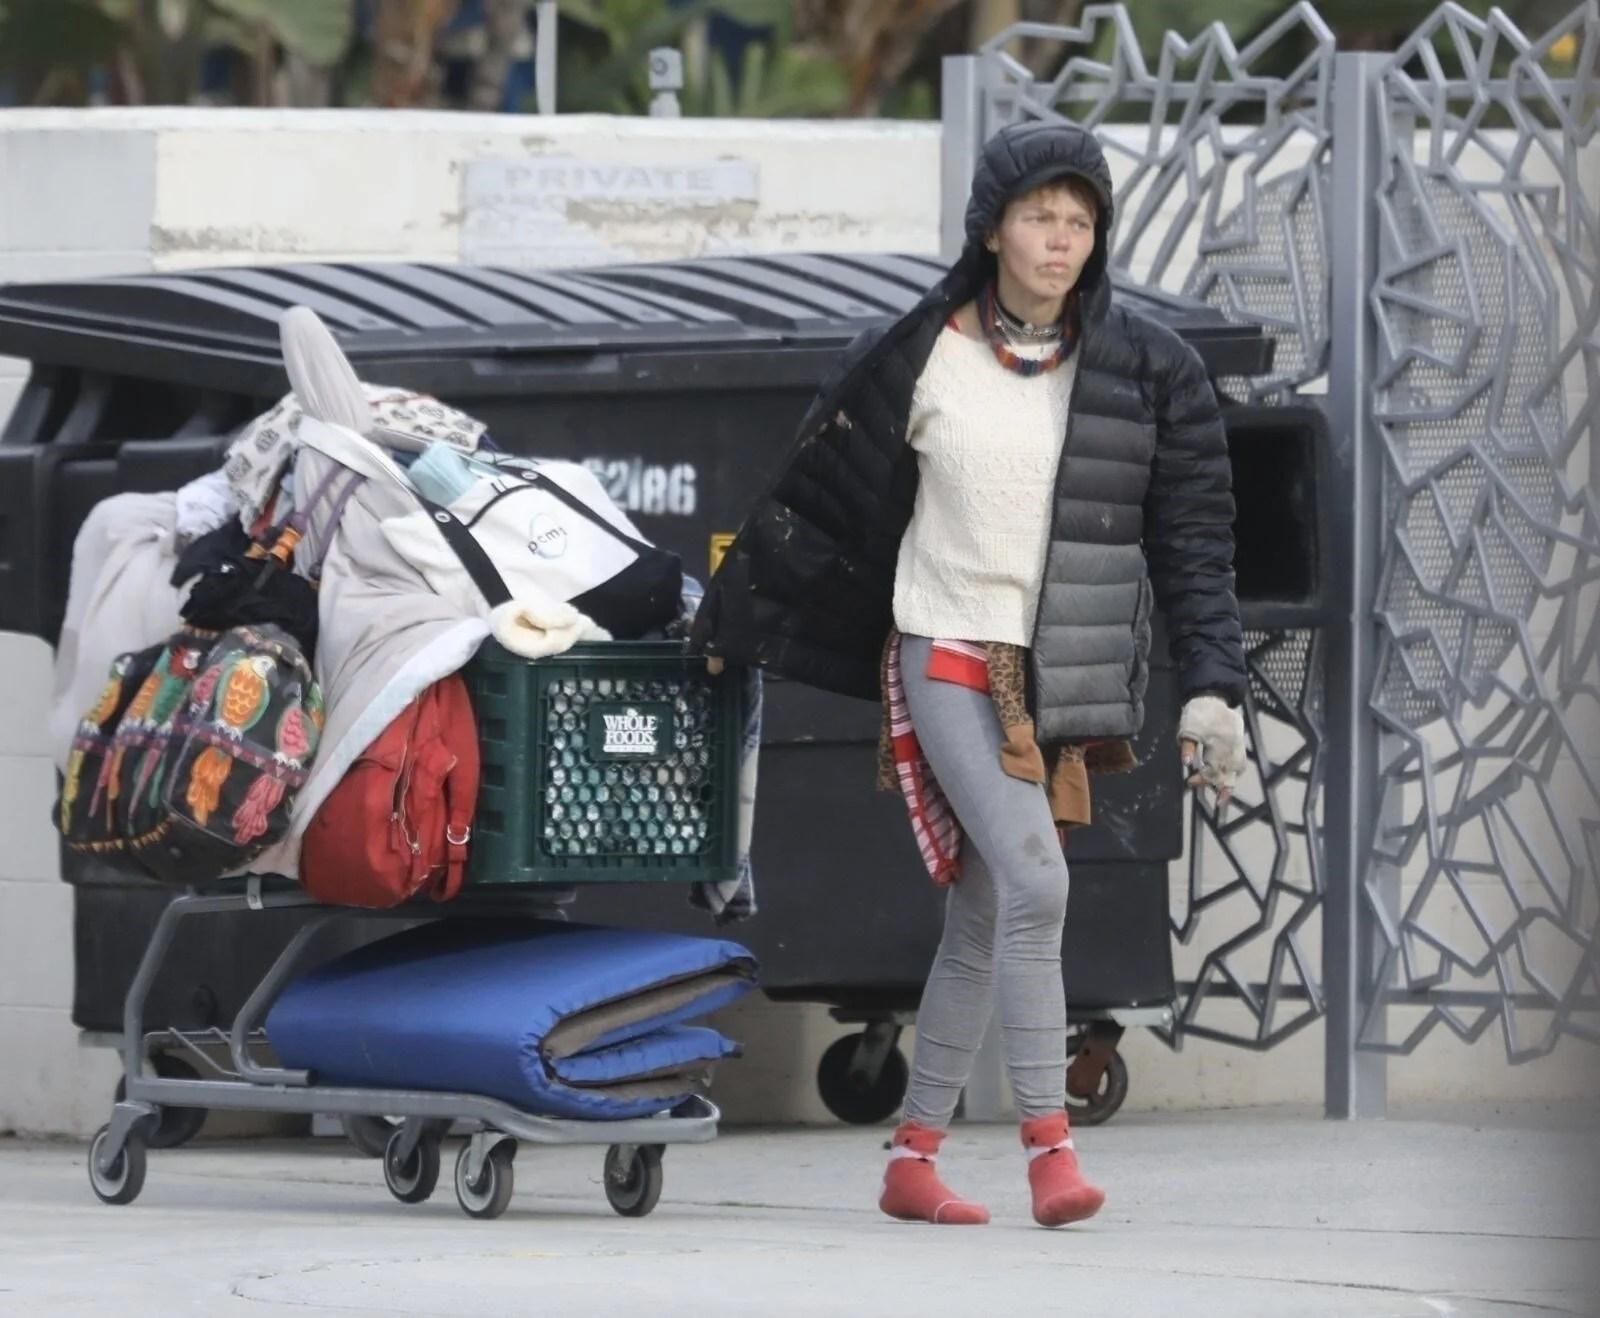 Loni Willison yine çöpleri karıştırırken görüntülendi - 3